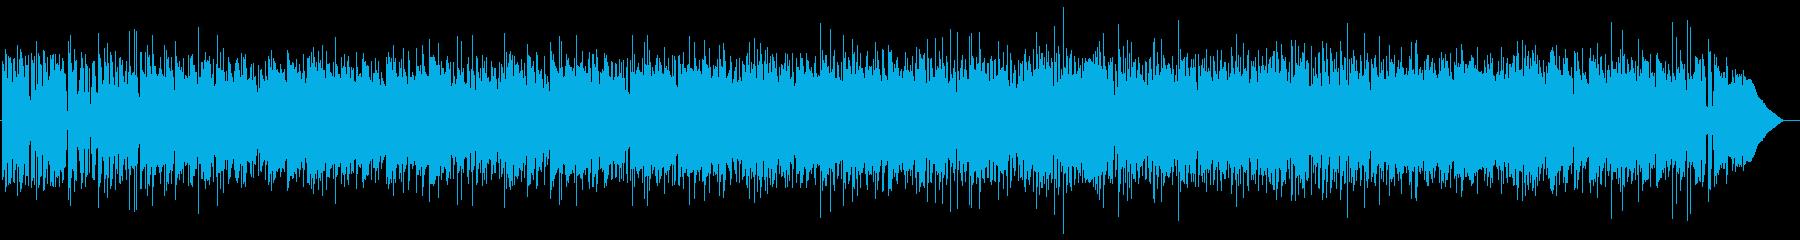 スワニー河 (guitar)の再生済みの波形